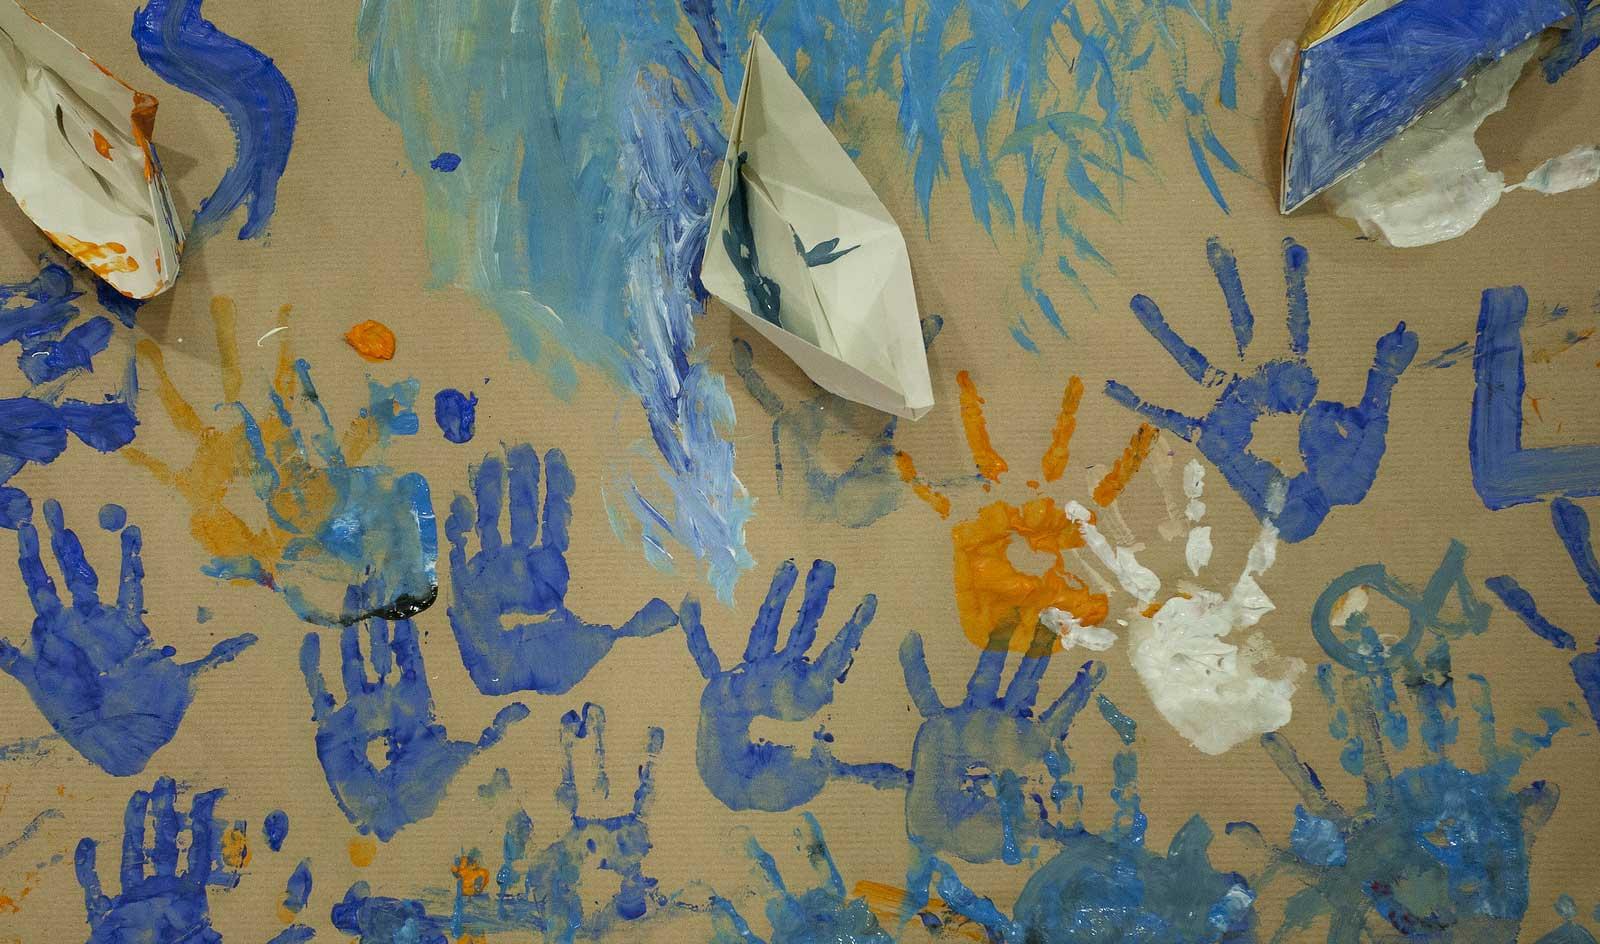 Materials educatius d'Stop Mare Mortum sobre desplaçaments forçats